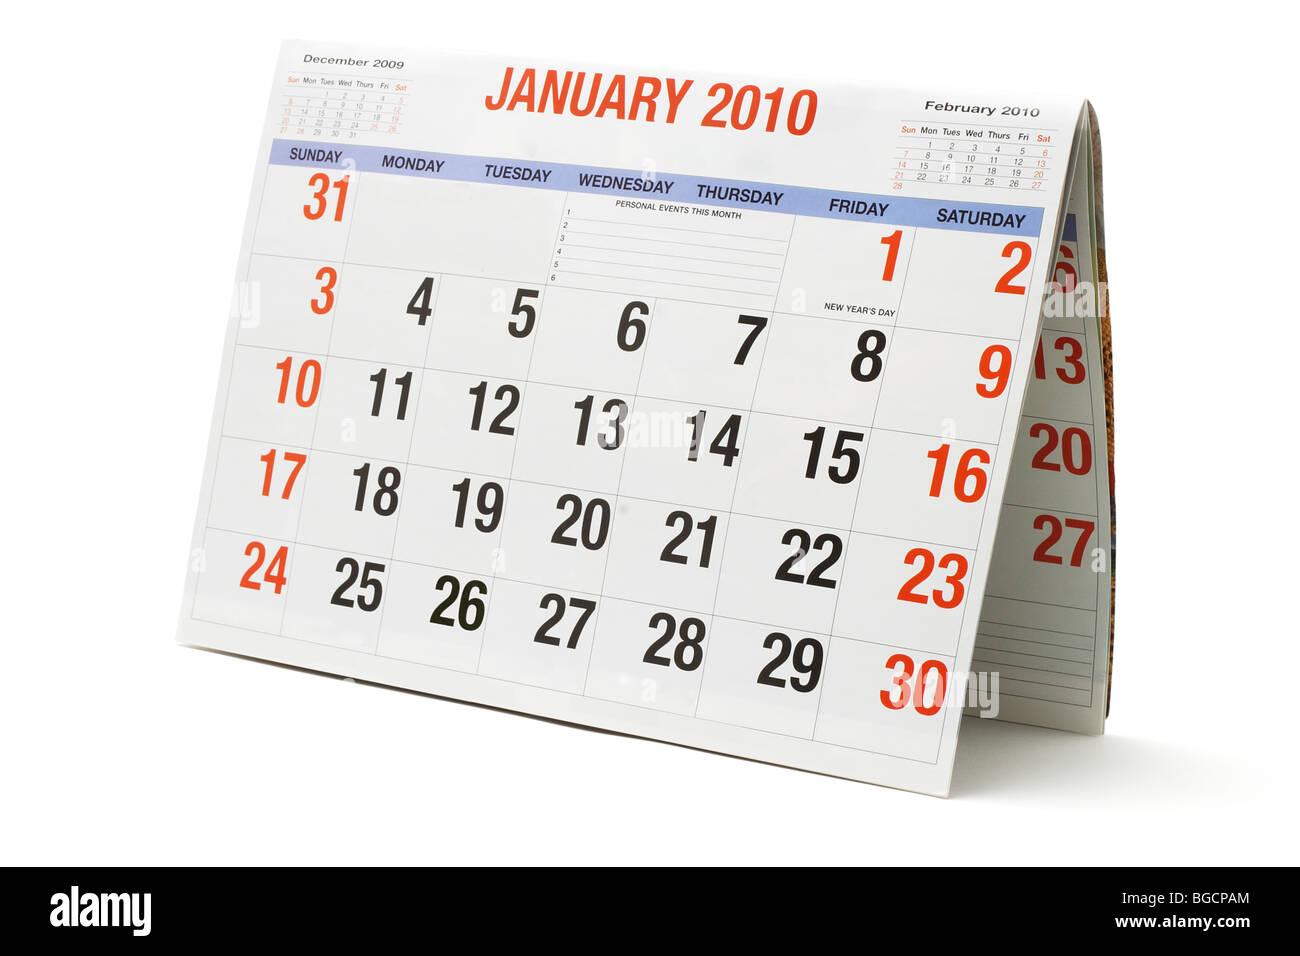 Calendario Gennaio.Calendario Gennaio Immagini Calendario Gennaio Fotos Stock